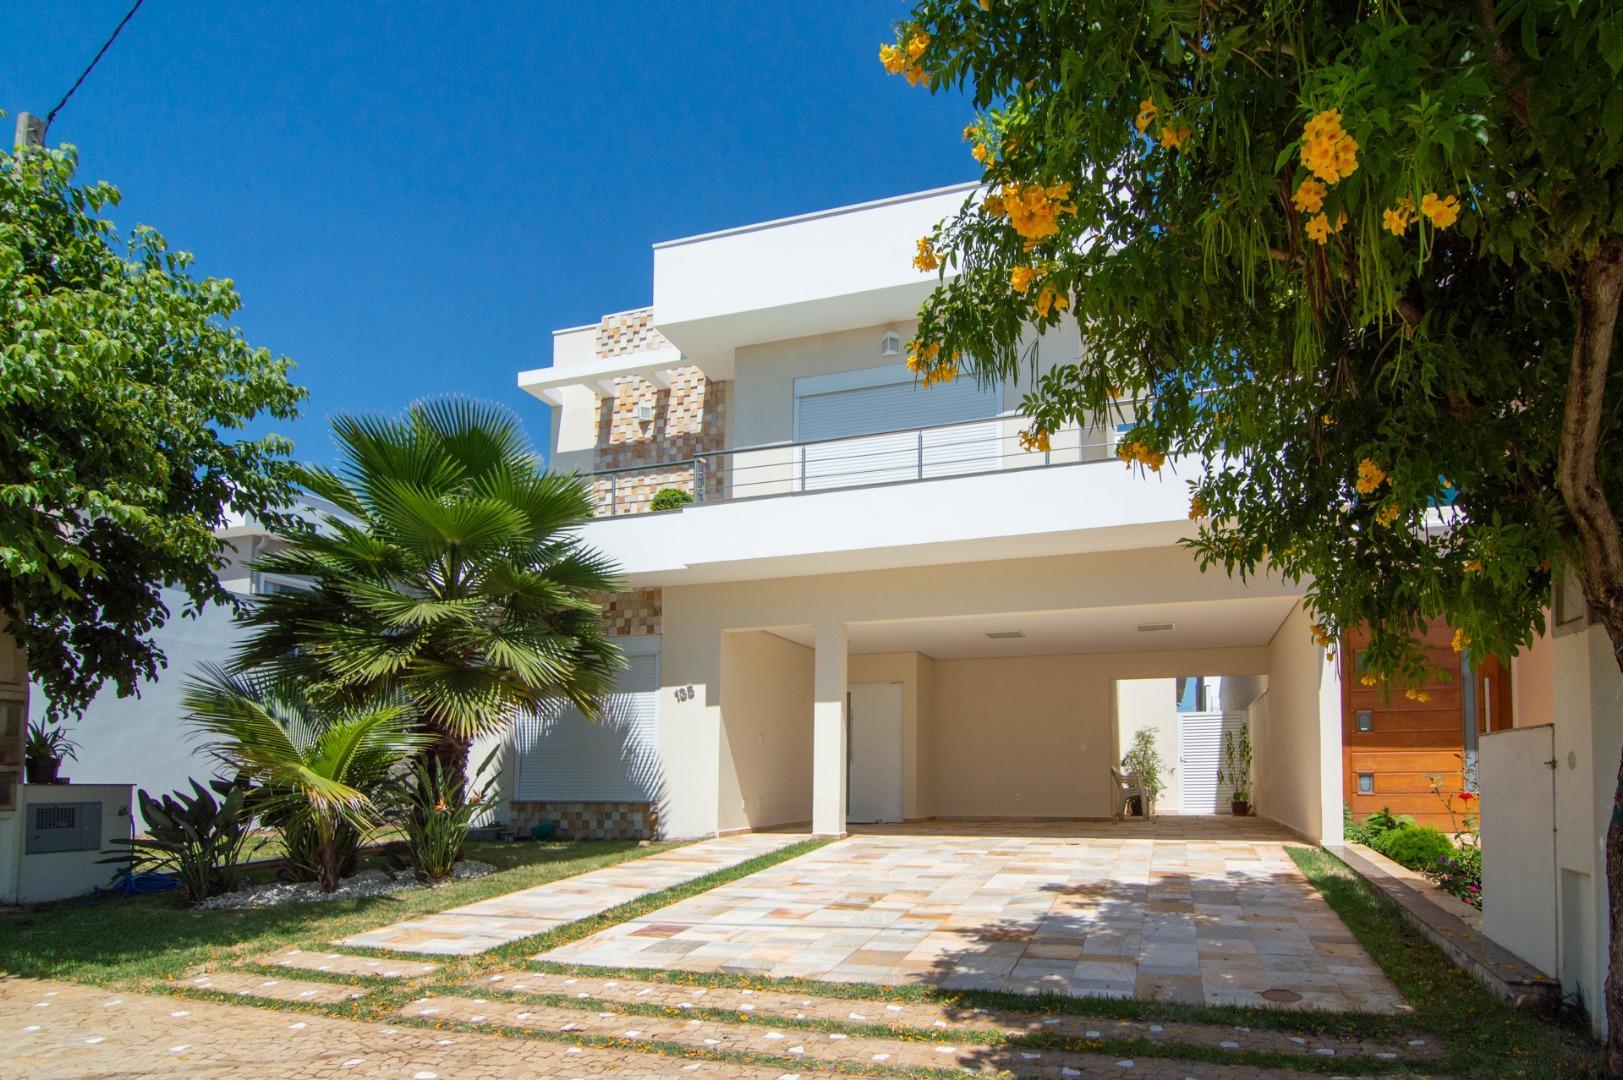 Casa com 4 dormitórios à venda, 262 m² por R$ 1.200.000 - Condomínio Reserva Real - Paulínia/SP